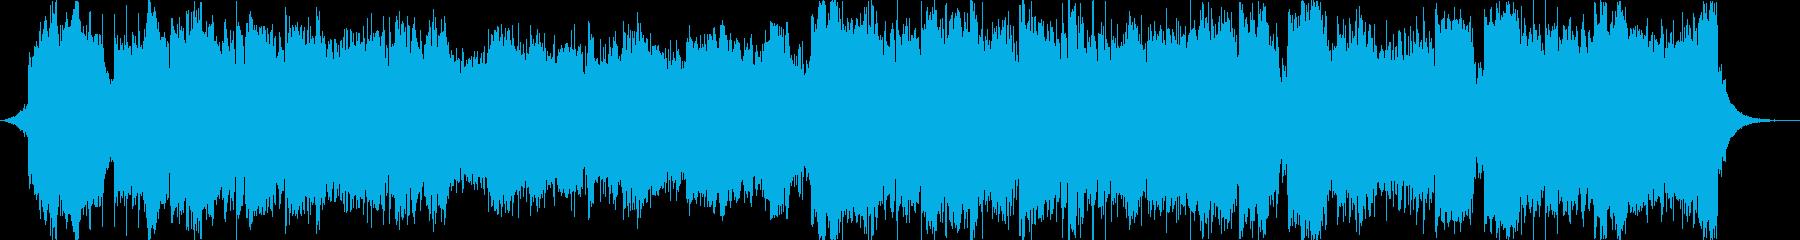 二胡・笛メインの中国風、和風曲。の再生済みの波形